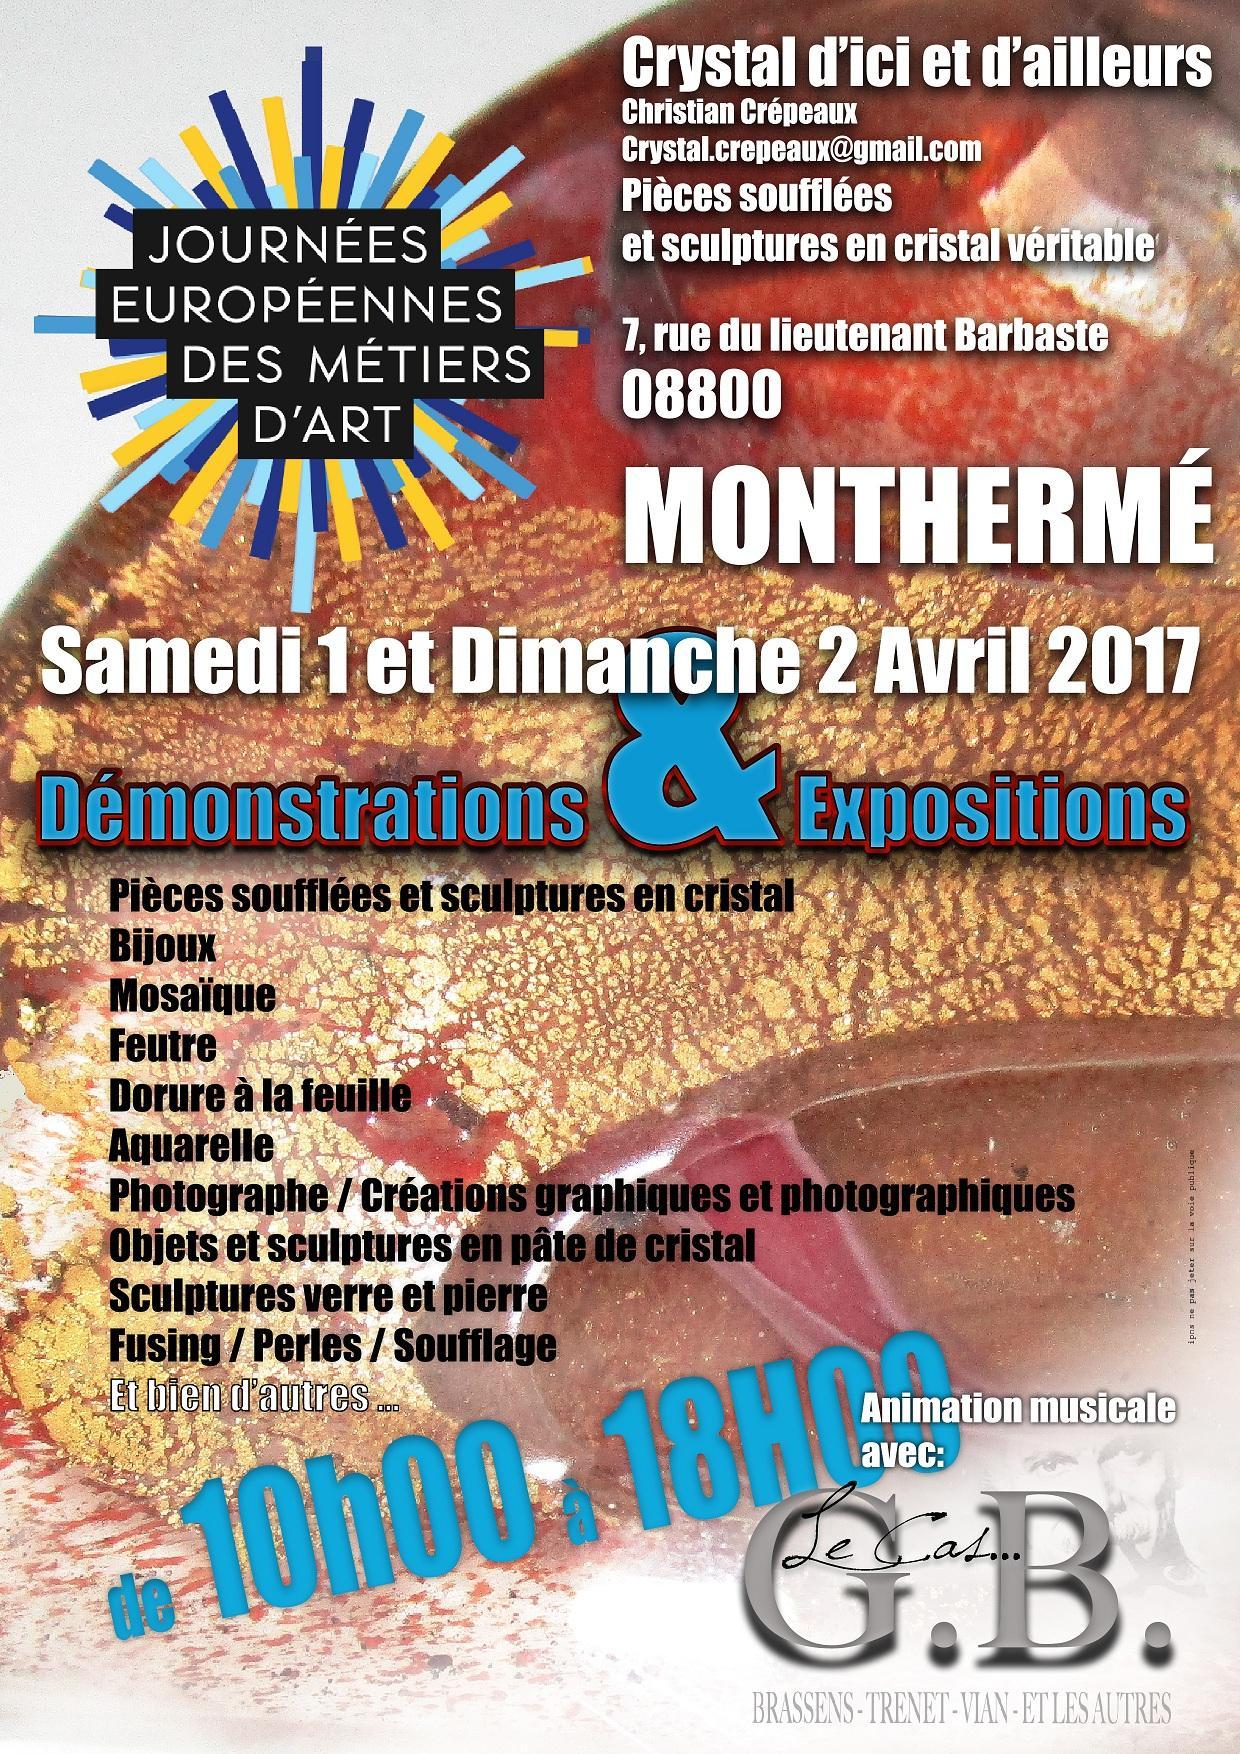 Actualité de MERCIER Catherine Journées européennes des métiers d'art à Monthermé